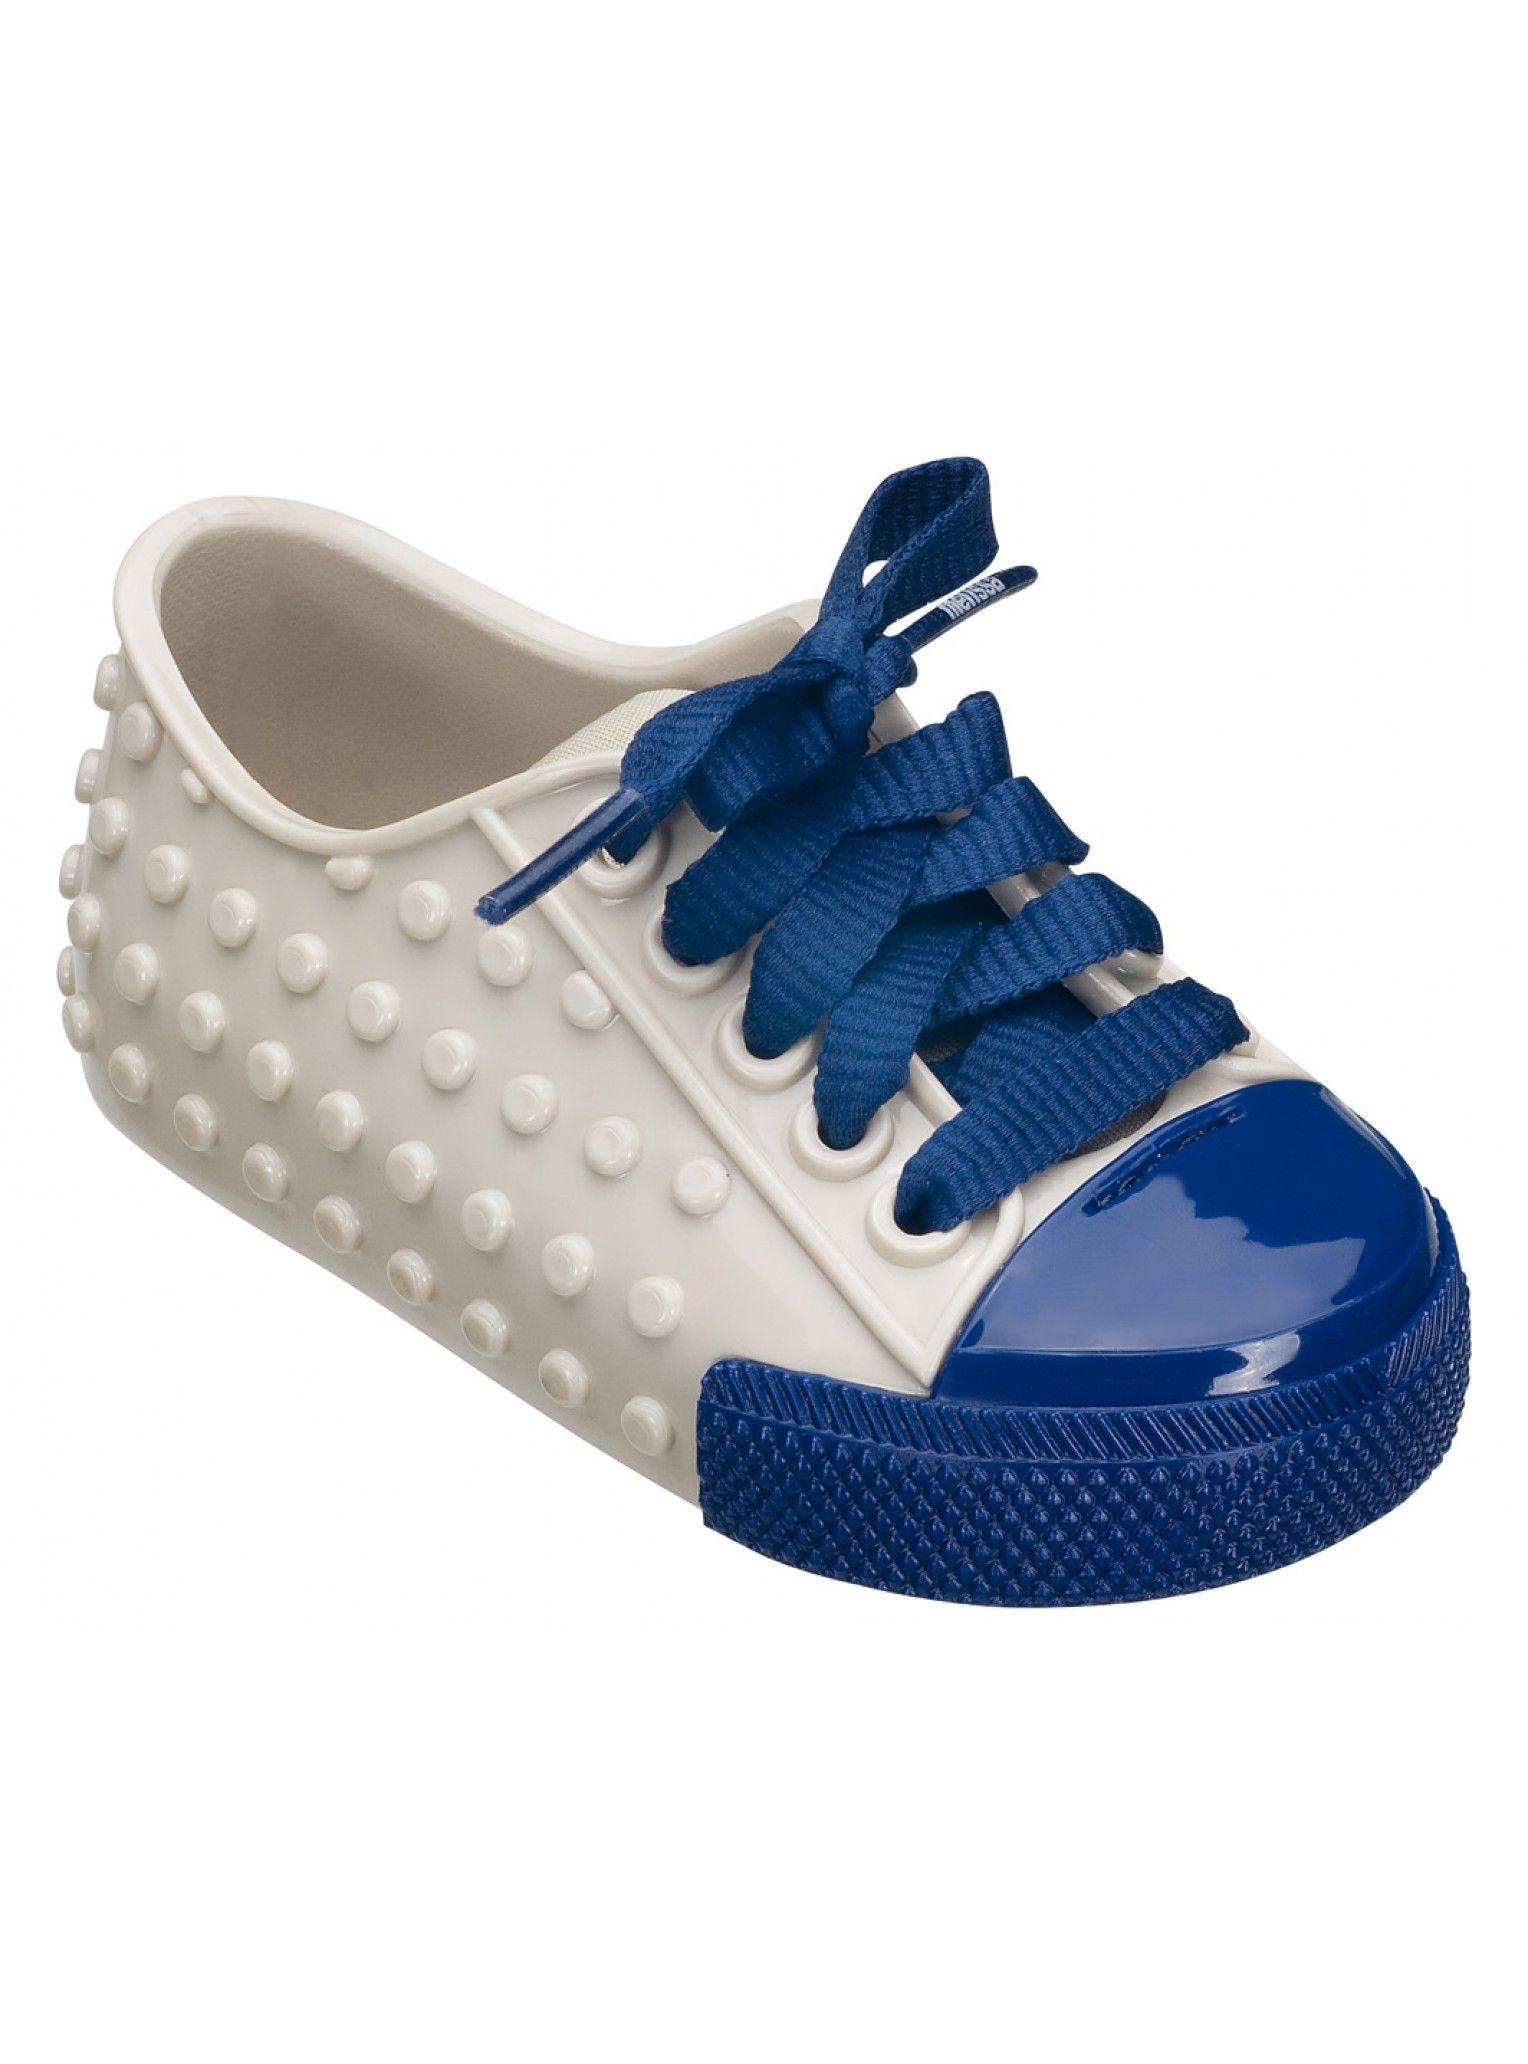 melissa shoes Buscar con Google Kids shoes online